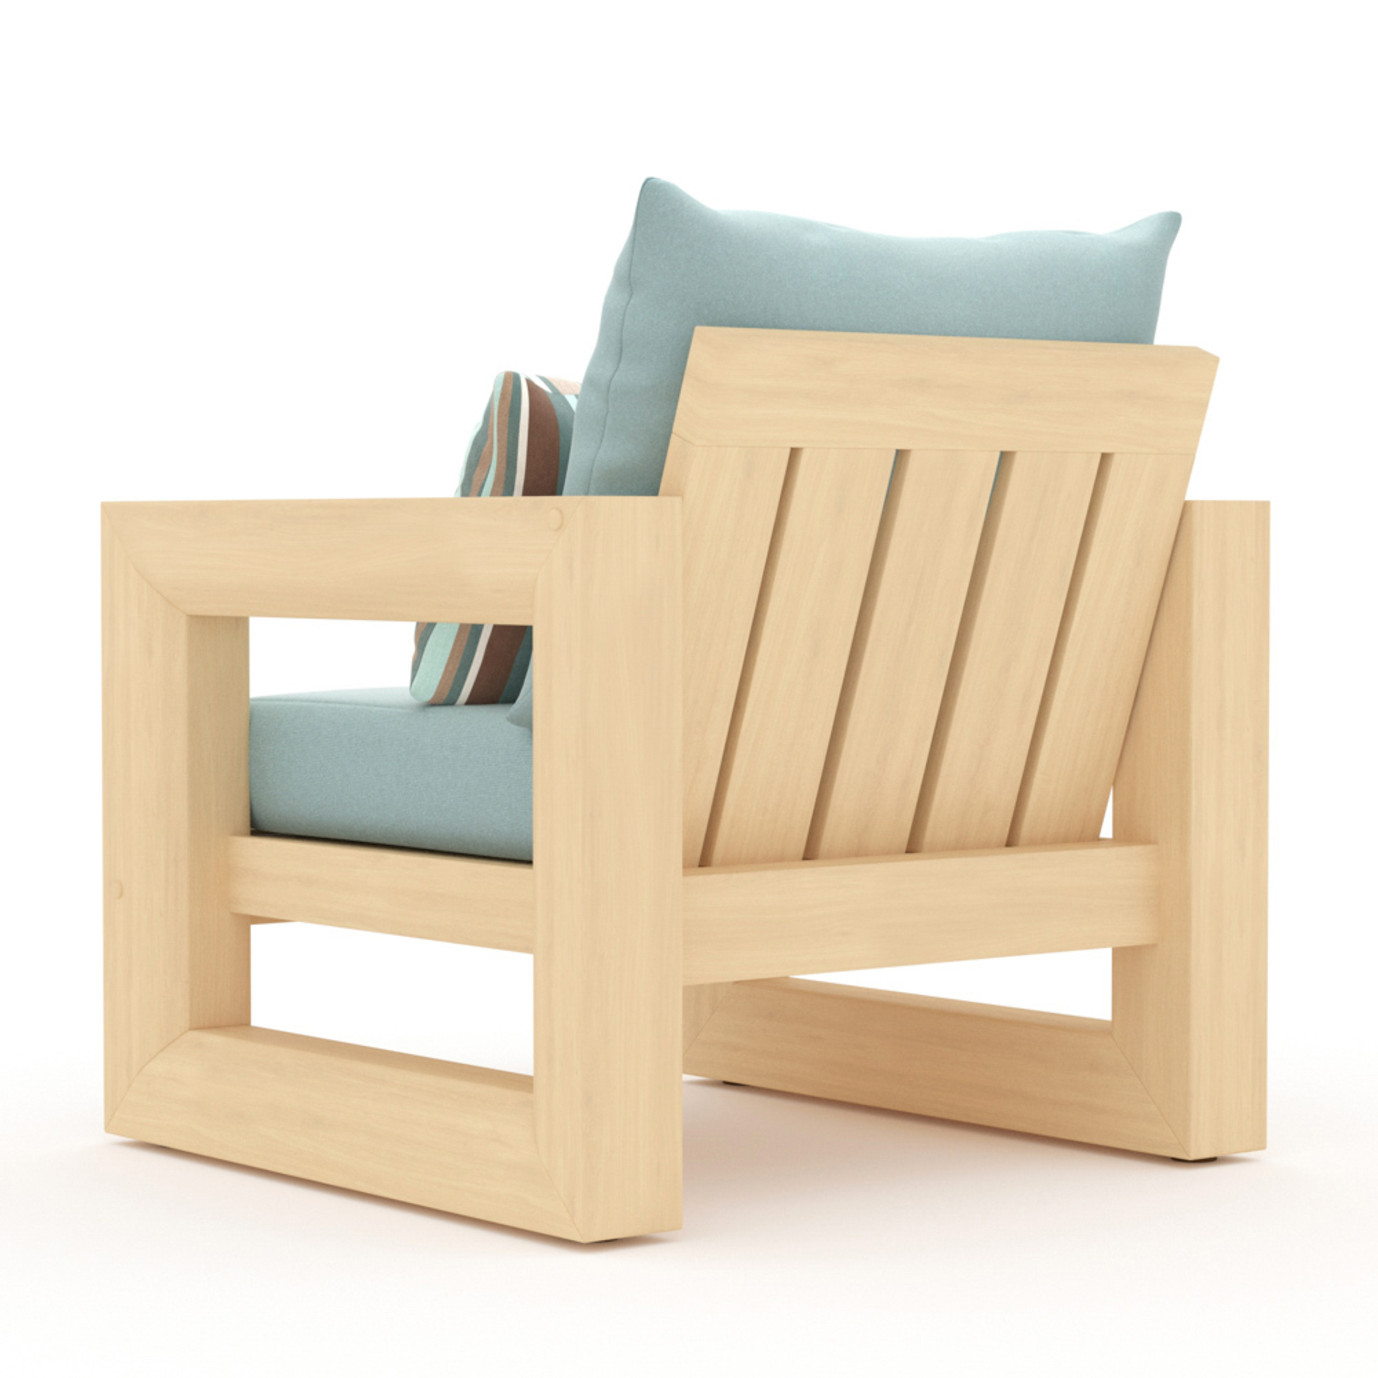 Benson Club Chairs - Bliss Blue